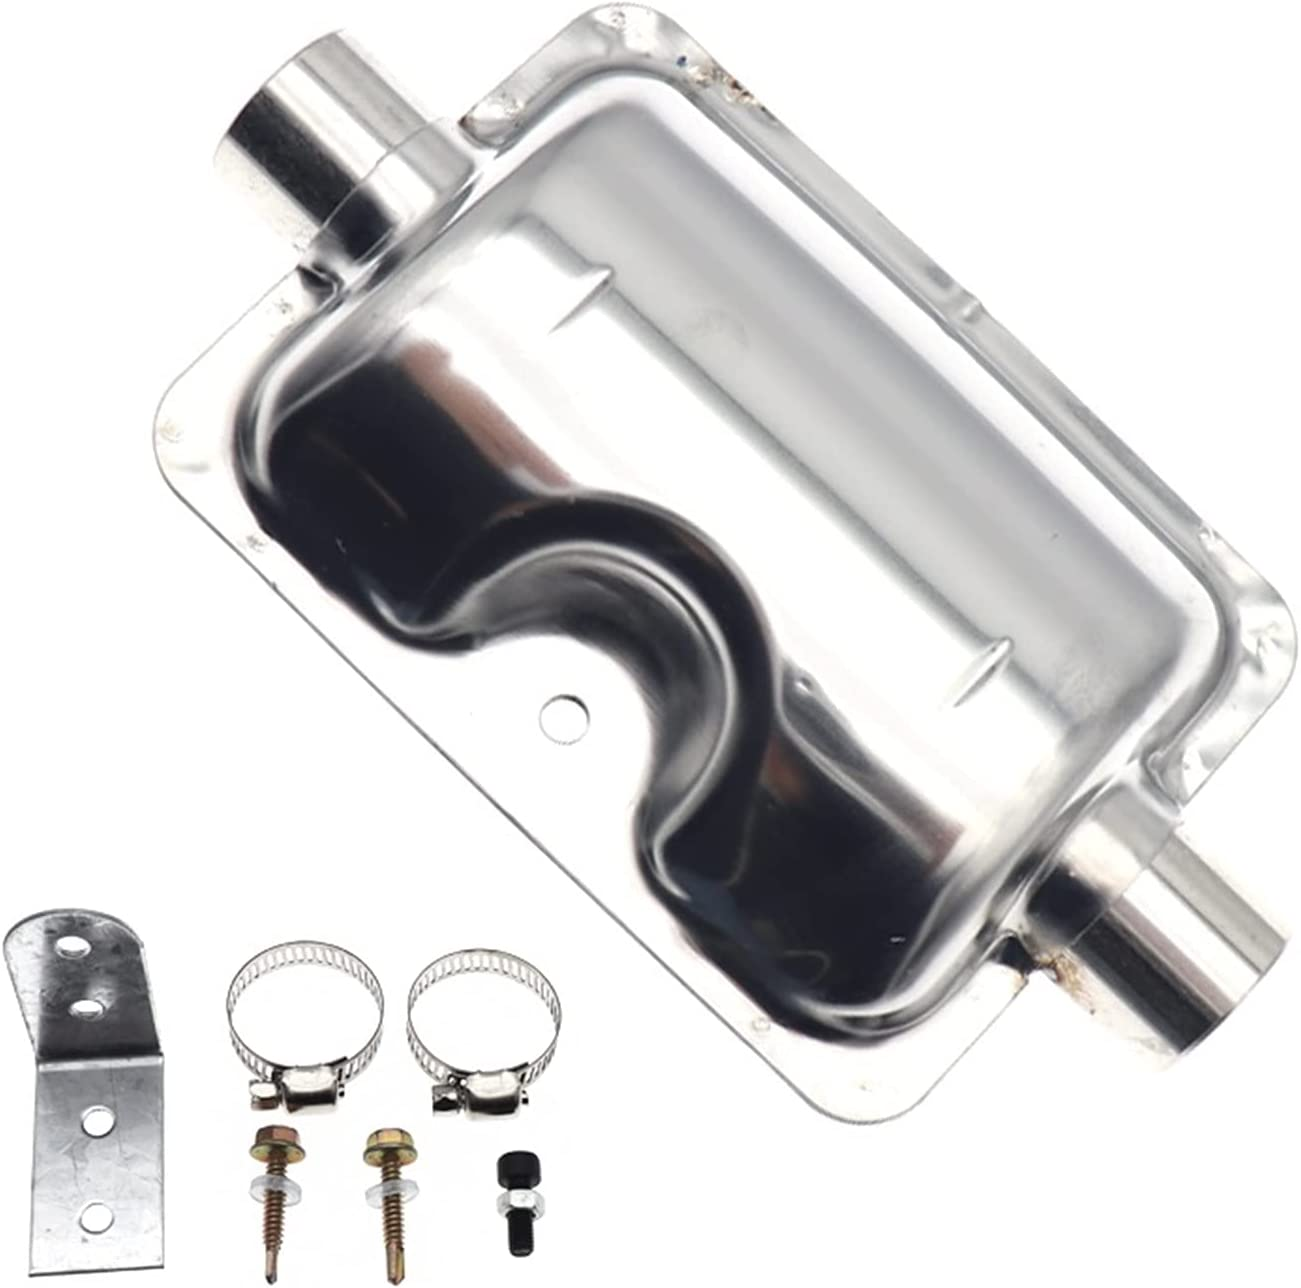 WLLOVE WULE Calentador de Aire Diesel de 24 mm Sistemas de Escape de estacionamiento Silenciador de tubería Silenciador Muffler Acero Inoxidable Fit para Webasto Eberspacher